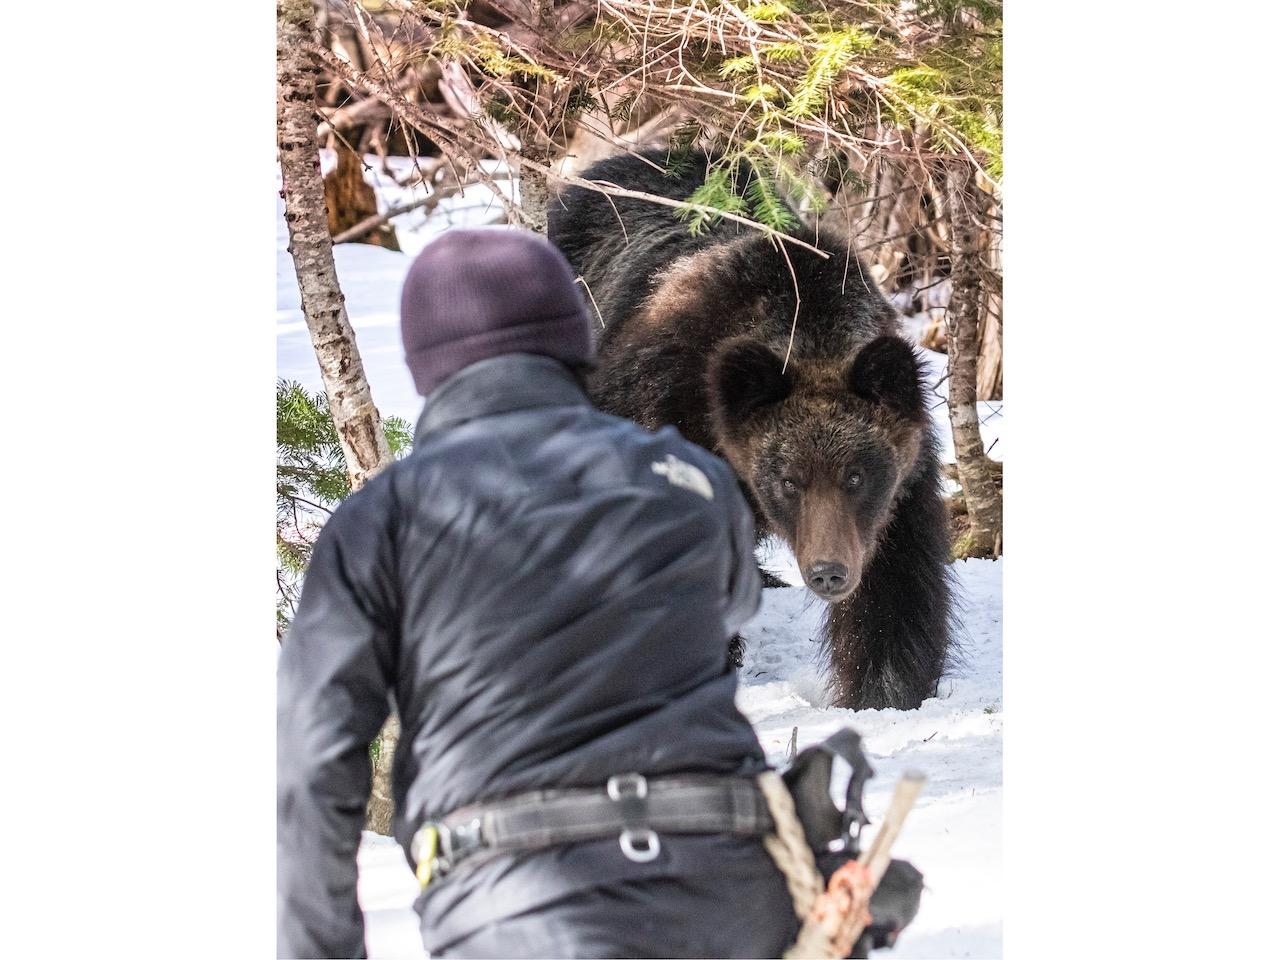 岸本先生與嚮導碰見的熊,正朝著他們2人直線前進。當岸本先生拍攝到這張照片時,與熊的距離僅有短短的4公尺。Ⓒ岸本日出雄